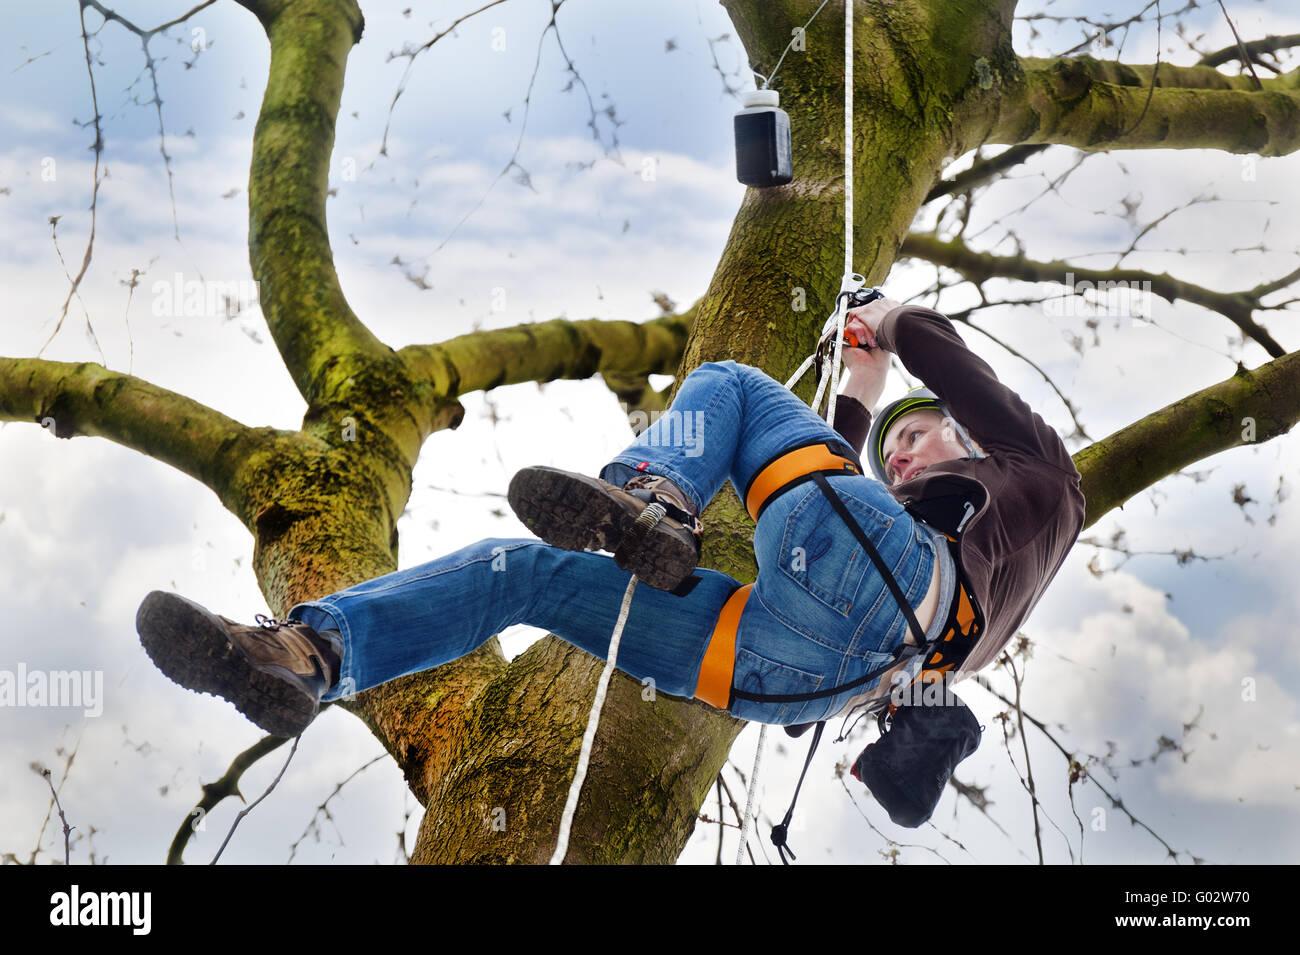 Kletterausrüstung Geocaching : Climbing seat belt stockfotos & bilder alamy